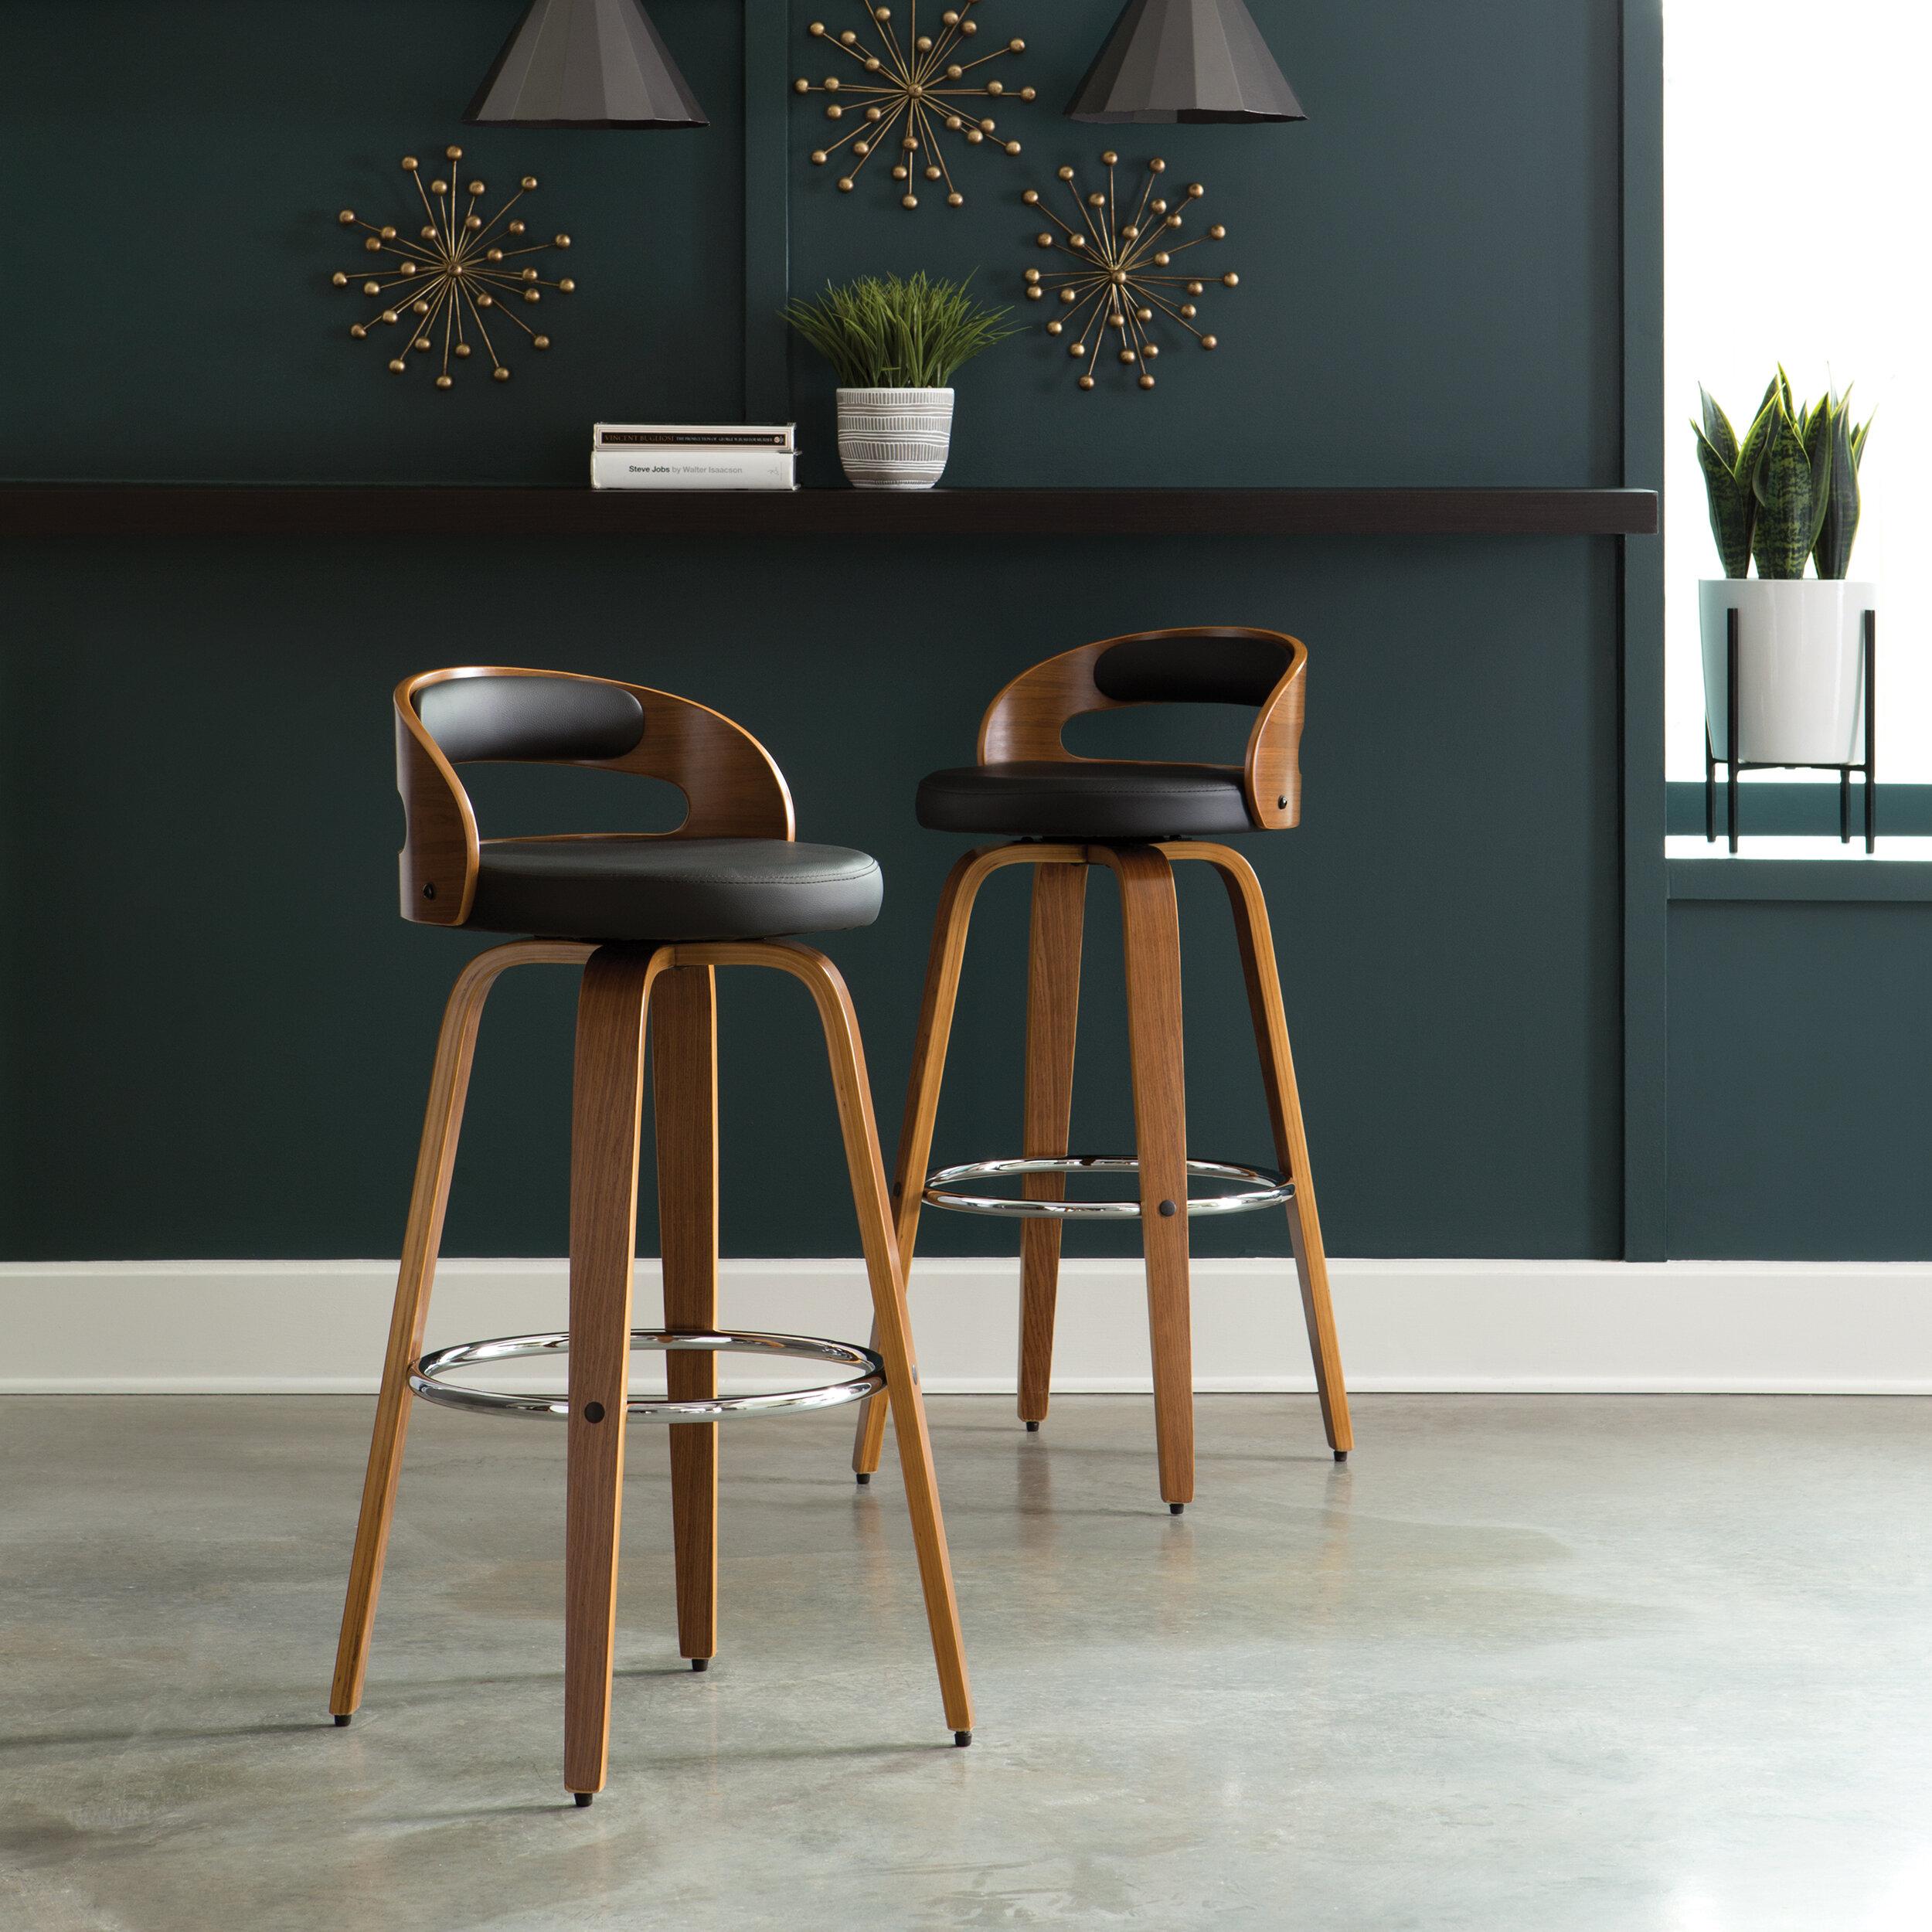 Strange Labelle Mid Century Modern Low Back Bentwood Frame 30 Swivel Bar Stool Dailytribune Chair Design For Home Dailytribuneorg